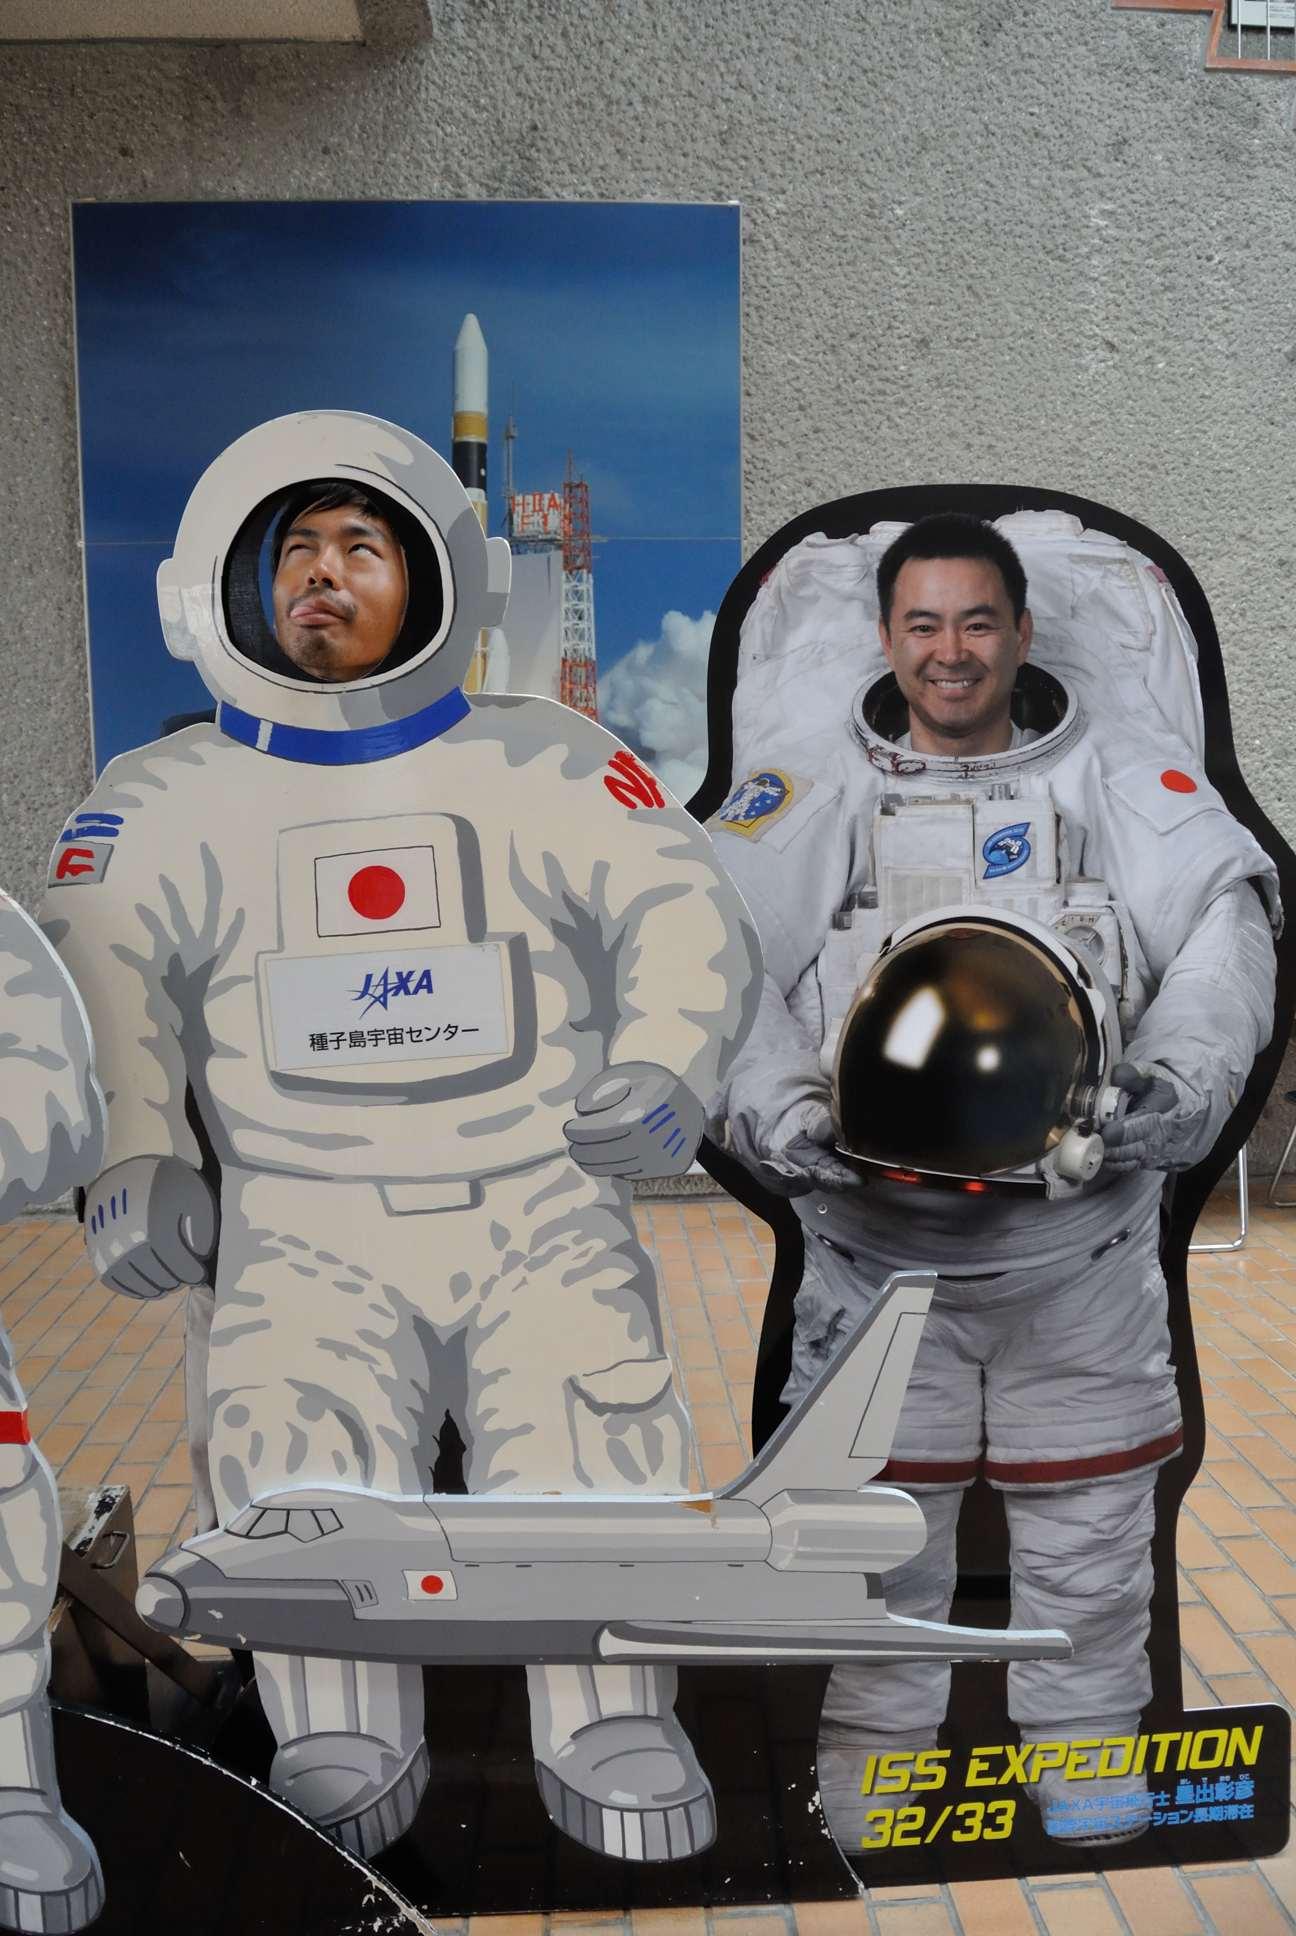 宇宙科学技術館の記念撮影